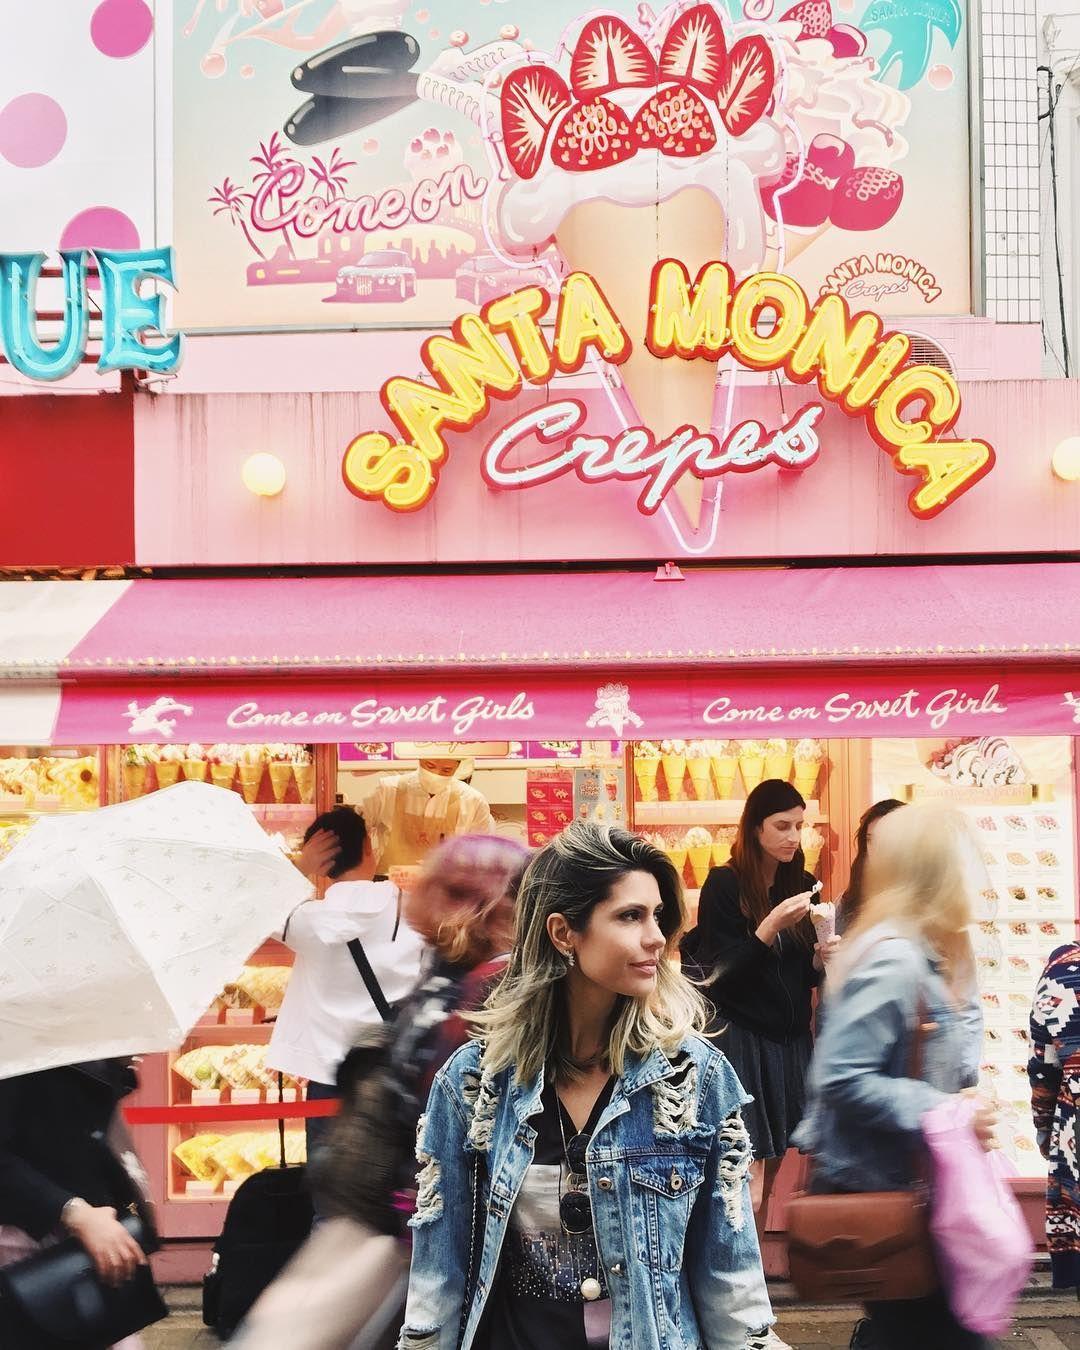 Simplesmente enlouquecida pela loucura daqui! Tokyo já estou apaixonada por você!  #carolnojapao #japao #japan